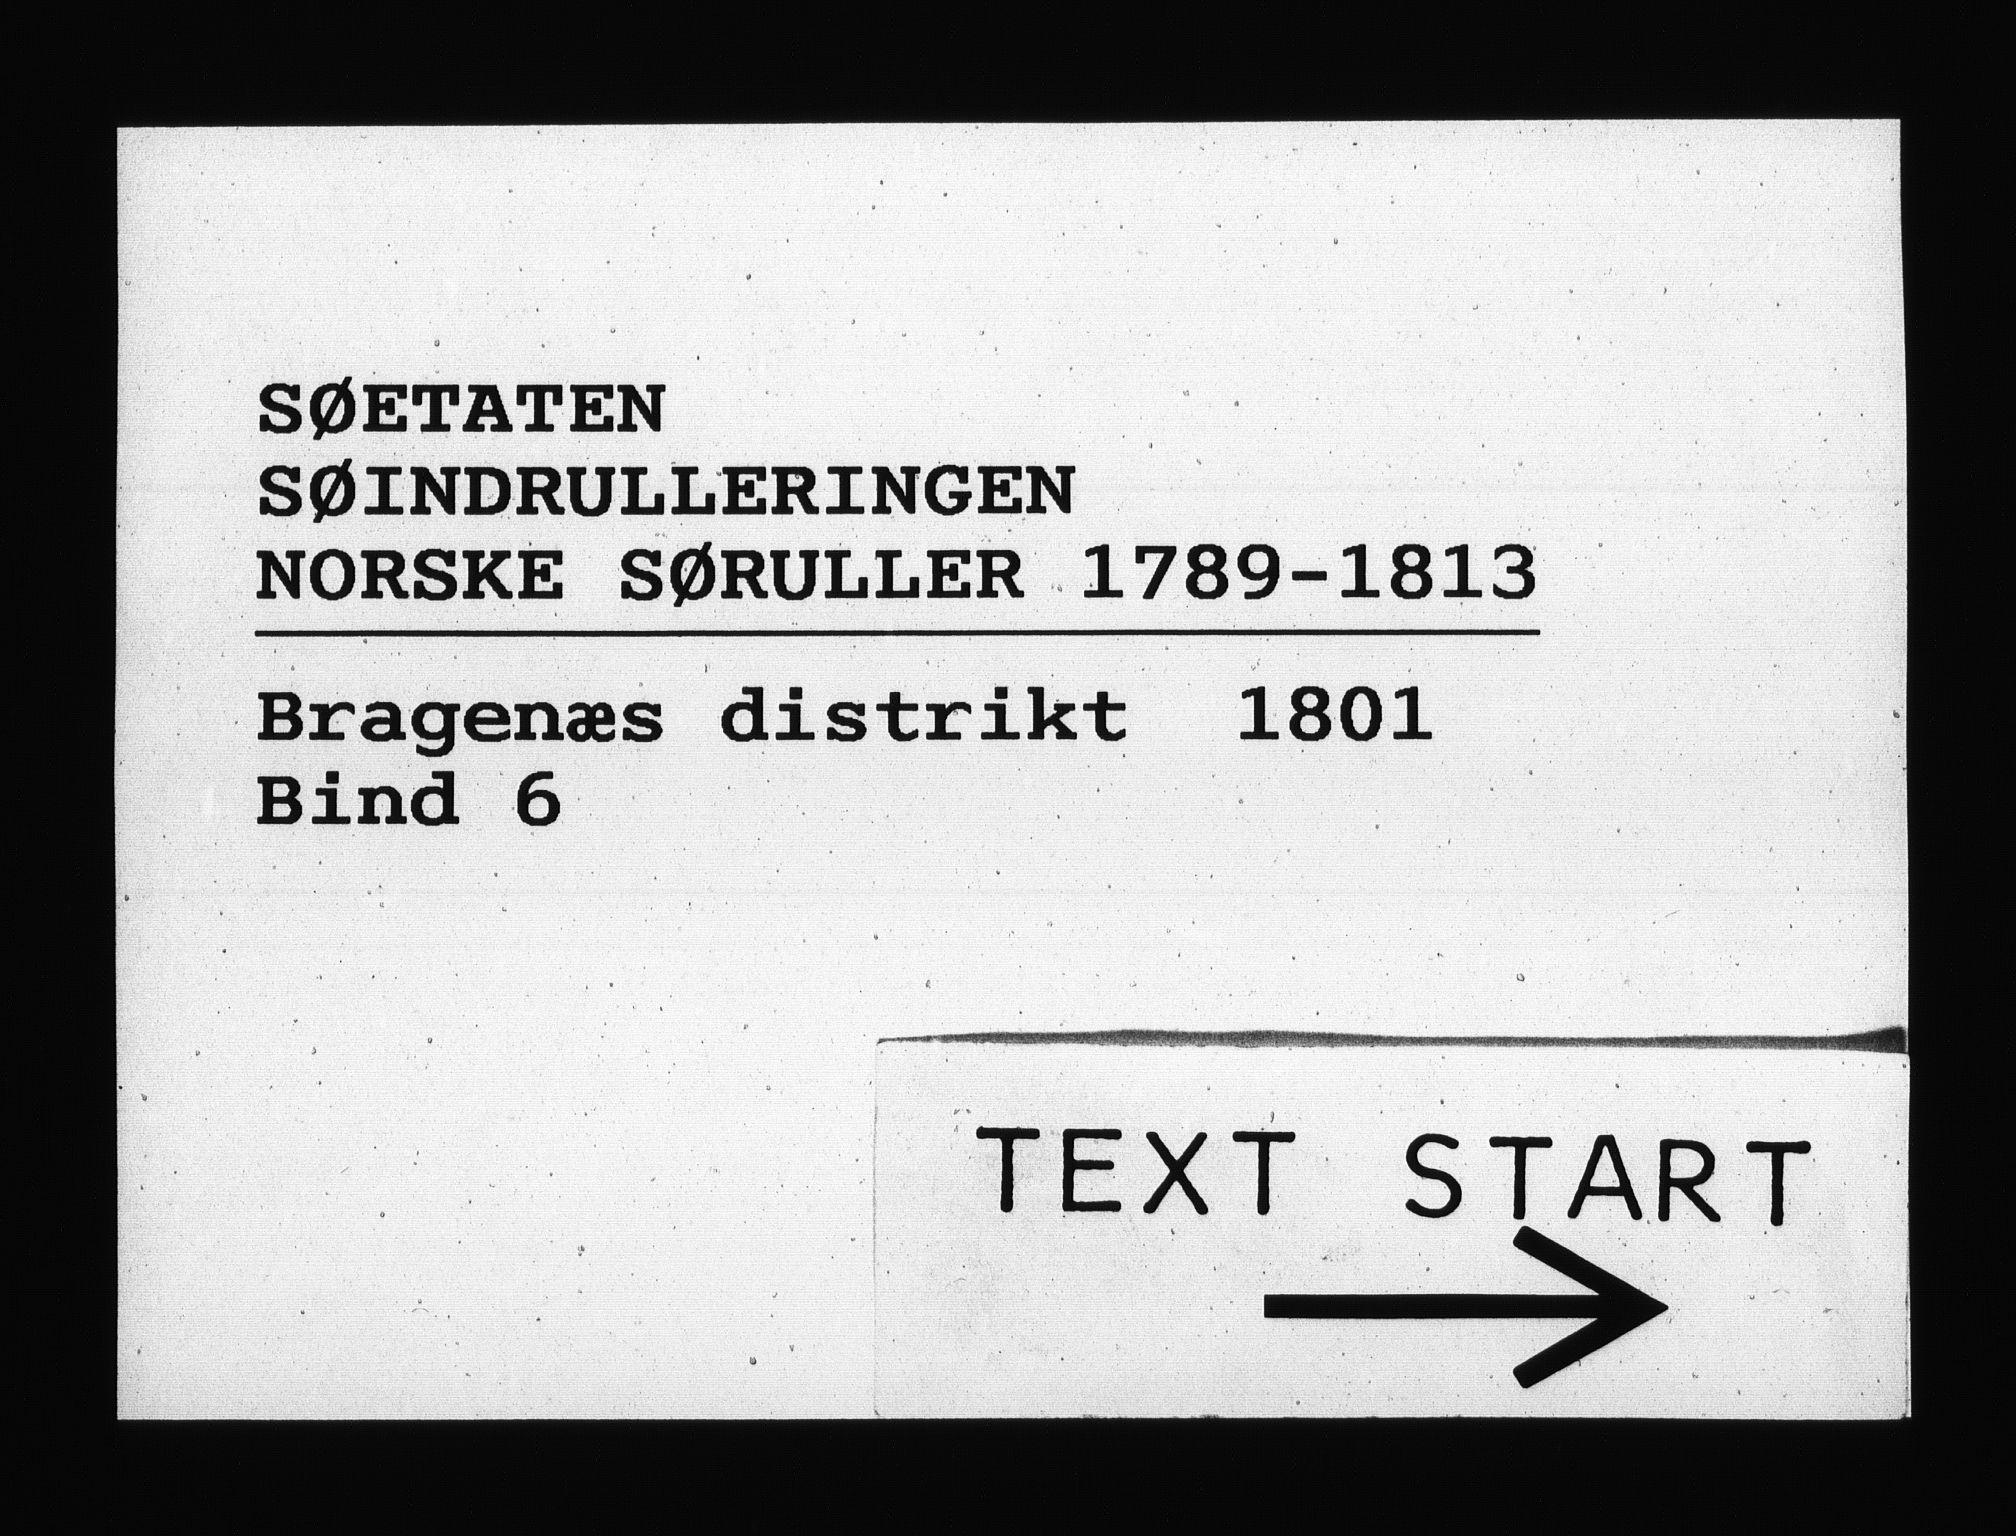 RA, Sjøetaten, F/L0139: Bragernes distrikt, bind 6, 1801